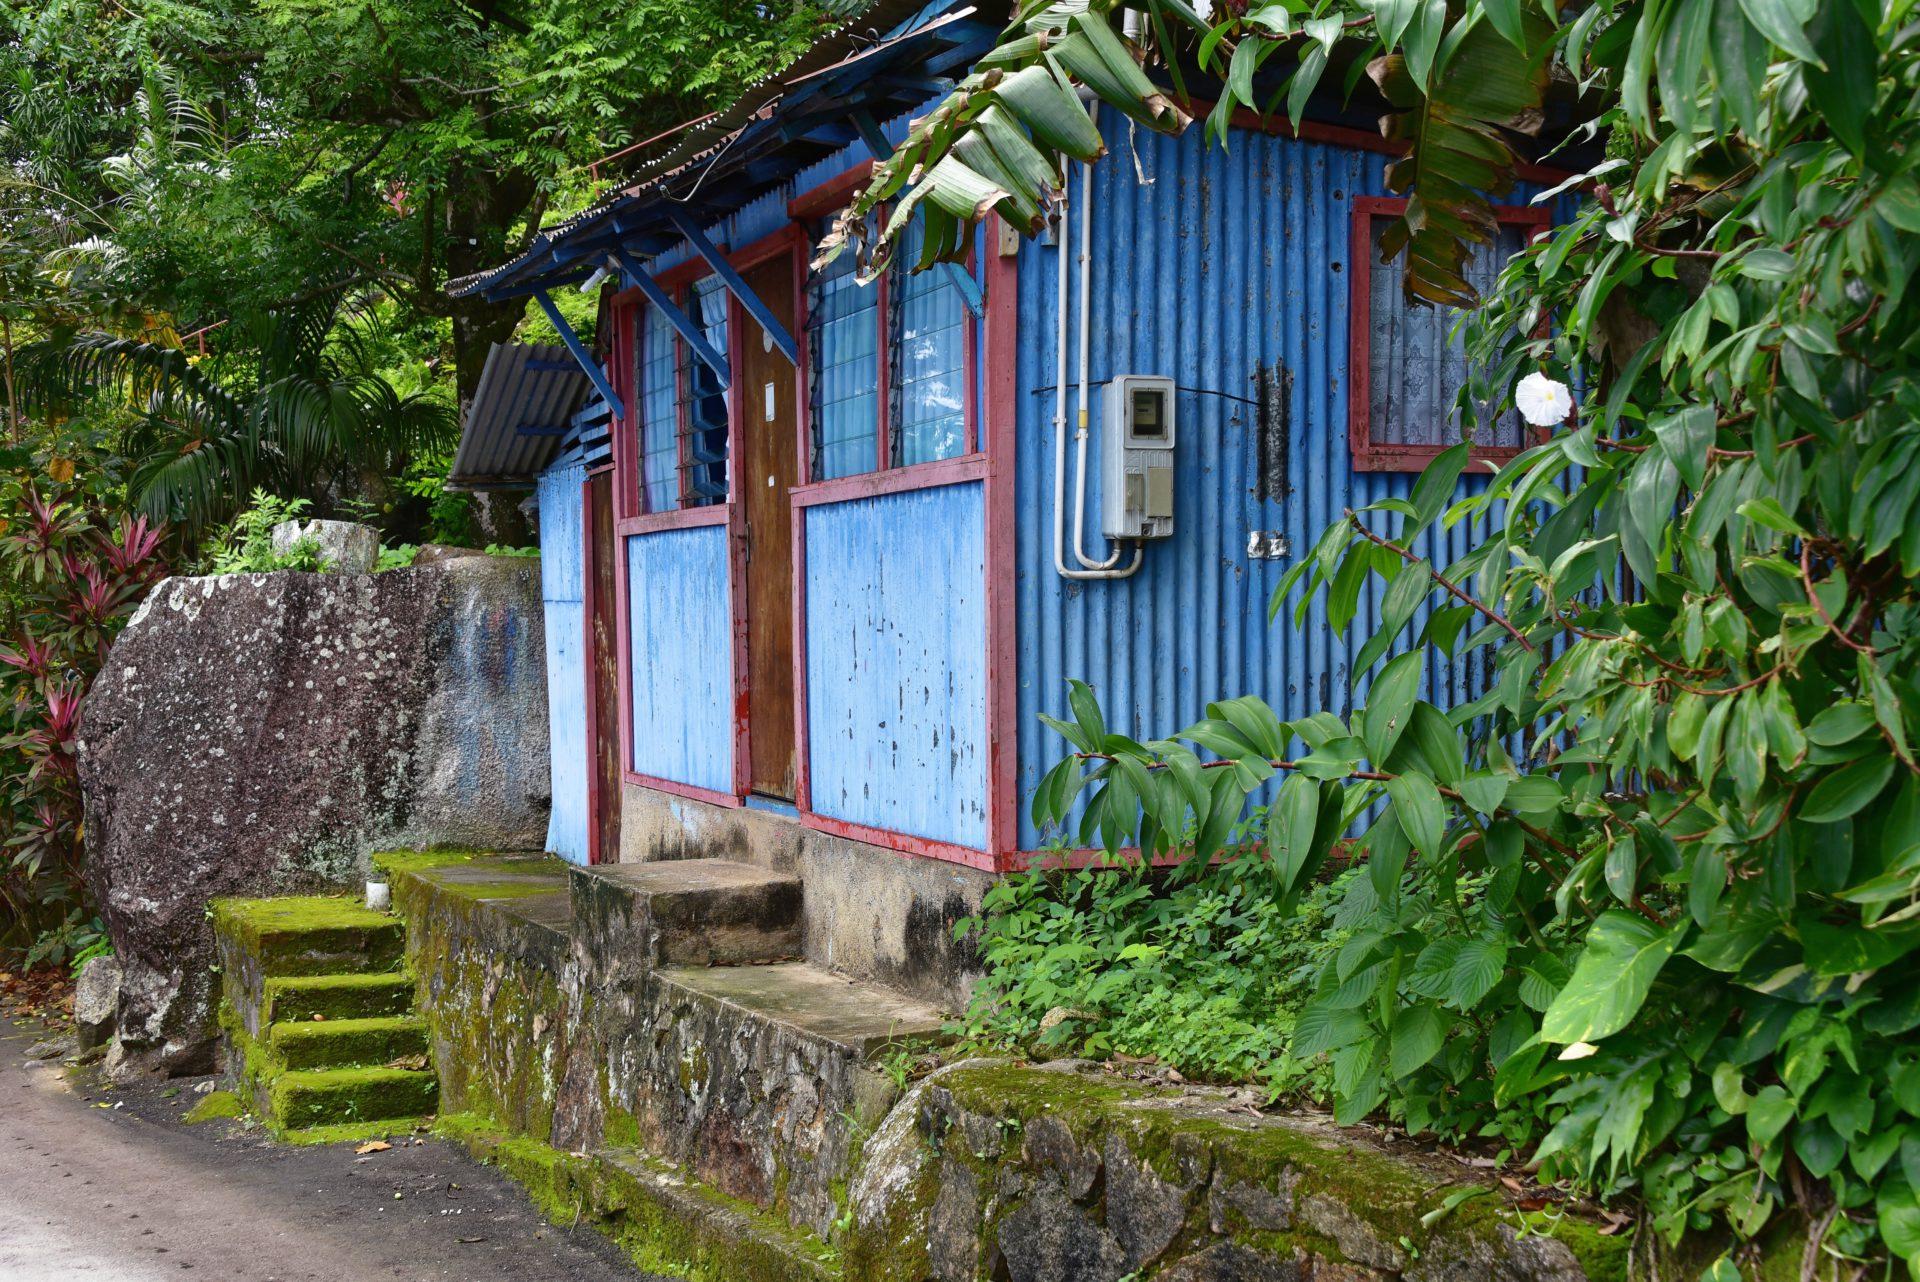 Haus in Danzilles - Mahe